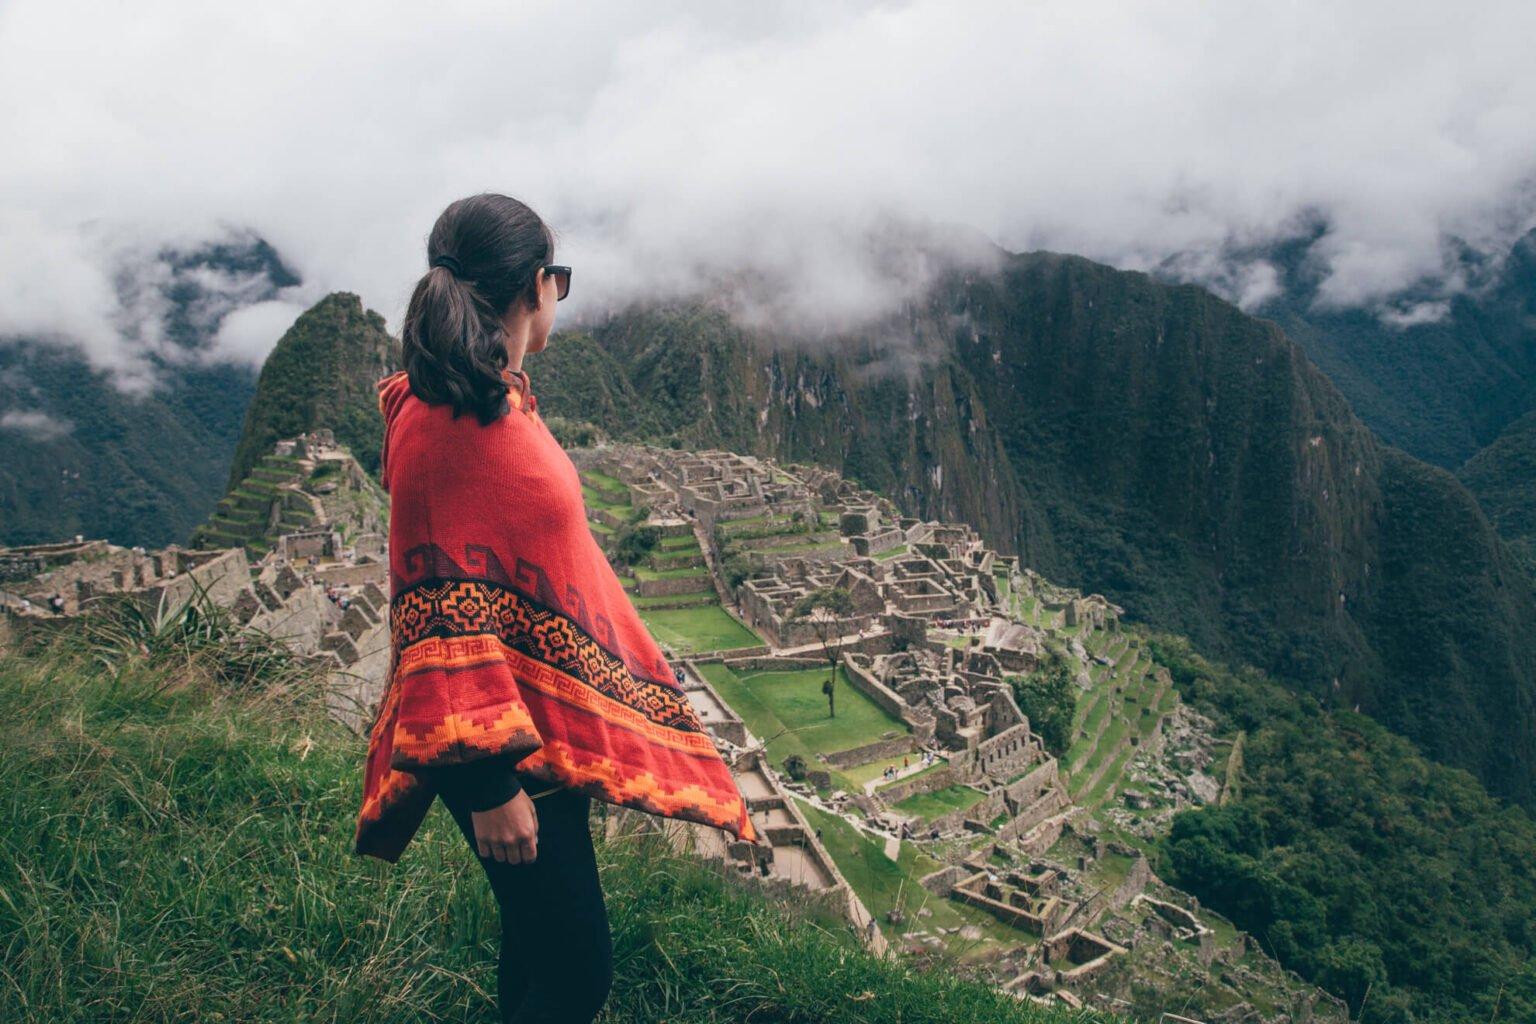 Vista clássica de Machu Picchu, a cidade perdida dos incas